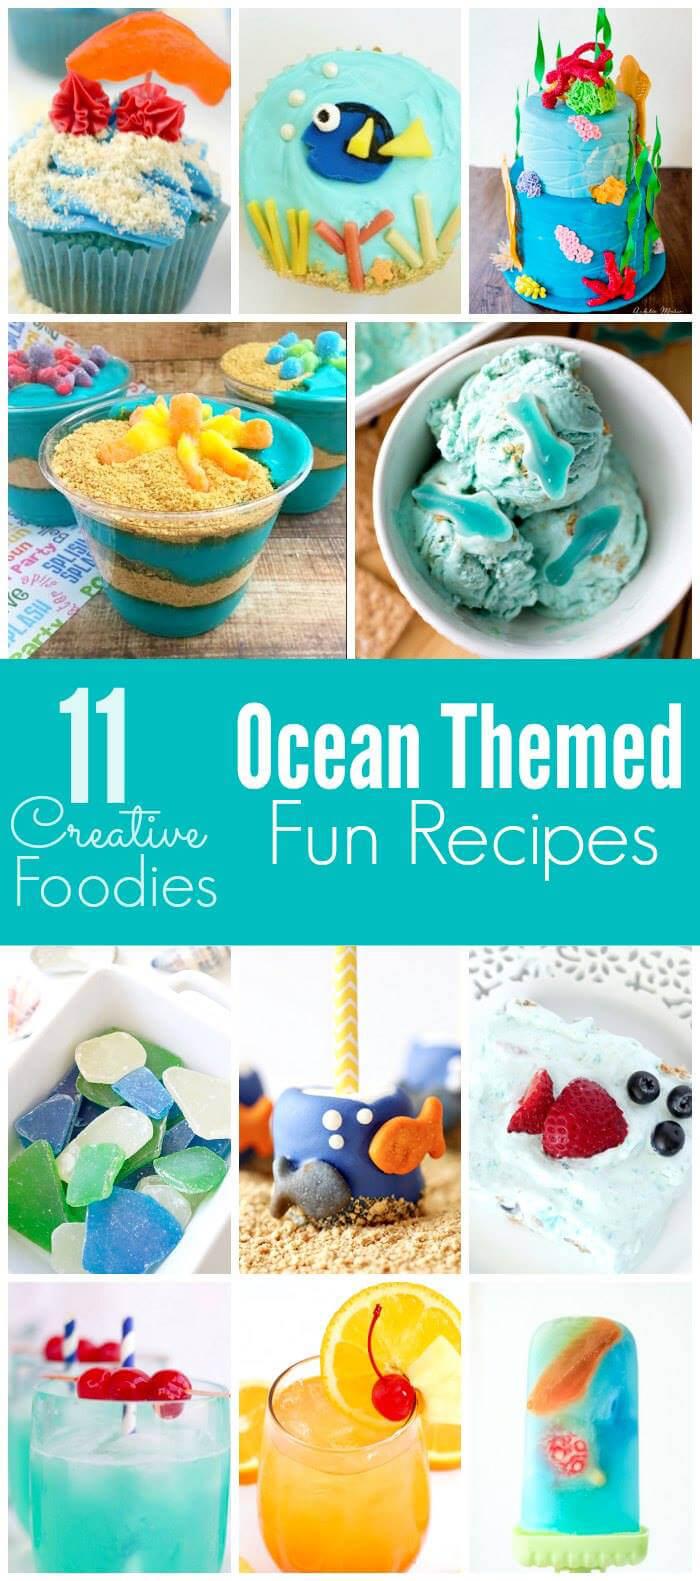 Ocean Themed Recipes